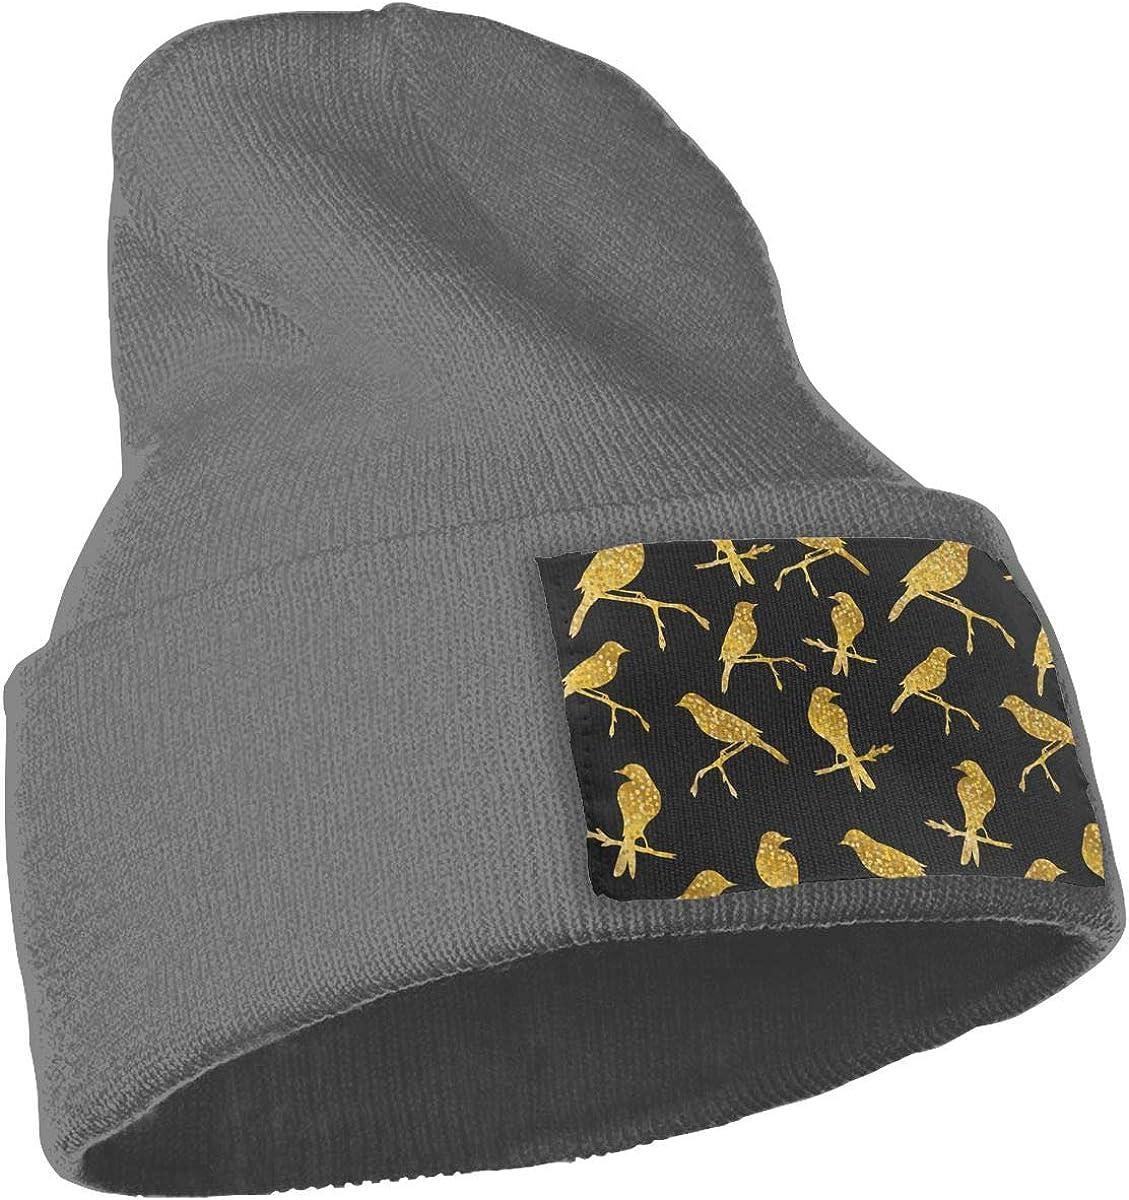 Gold Birds Beanie Hat Winter Solid Warm Knit Unisex Ski Skull Cap